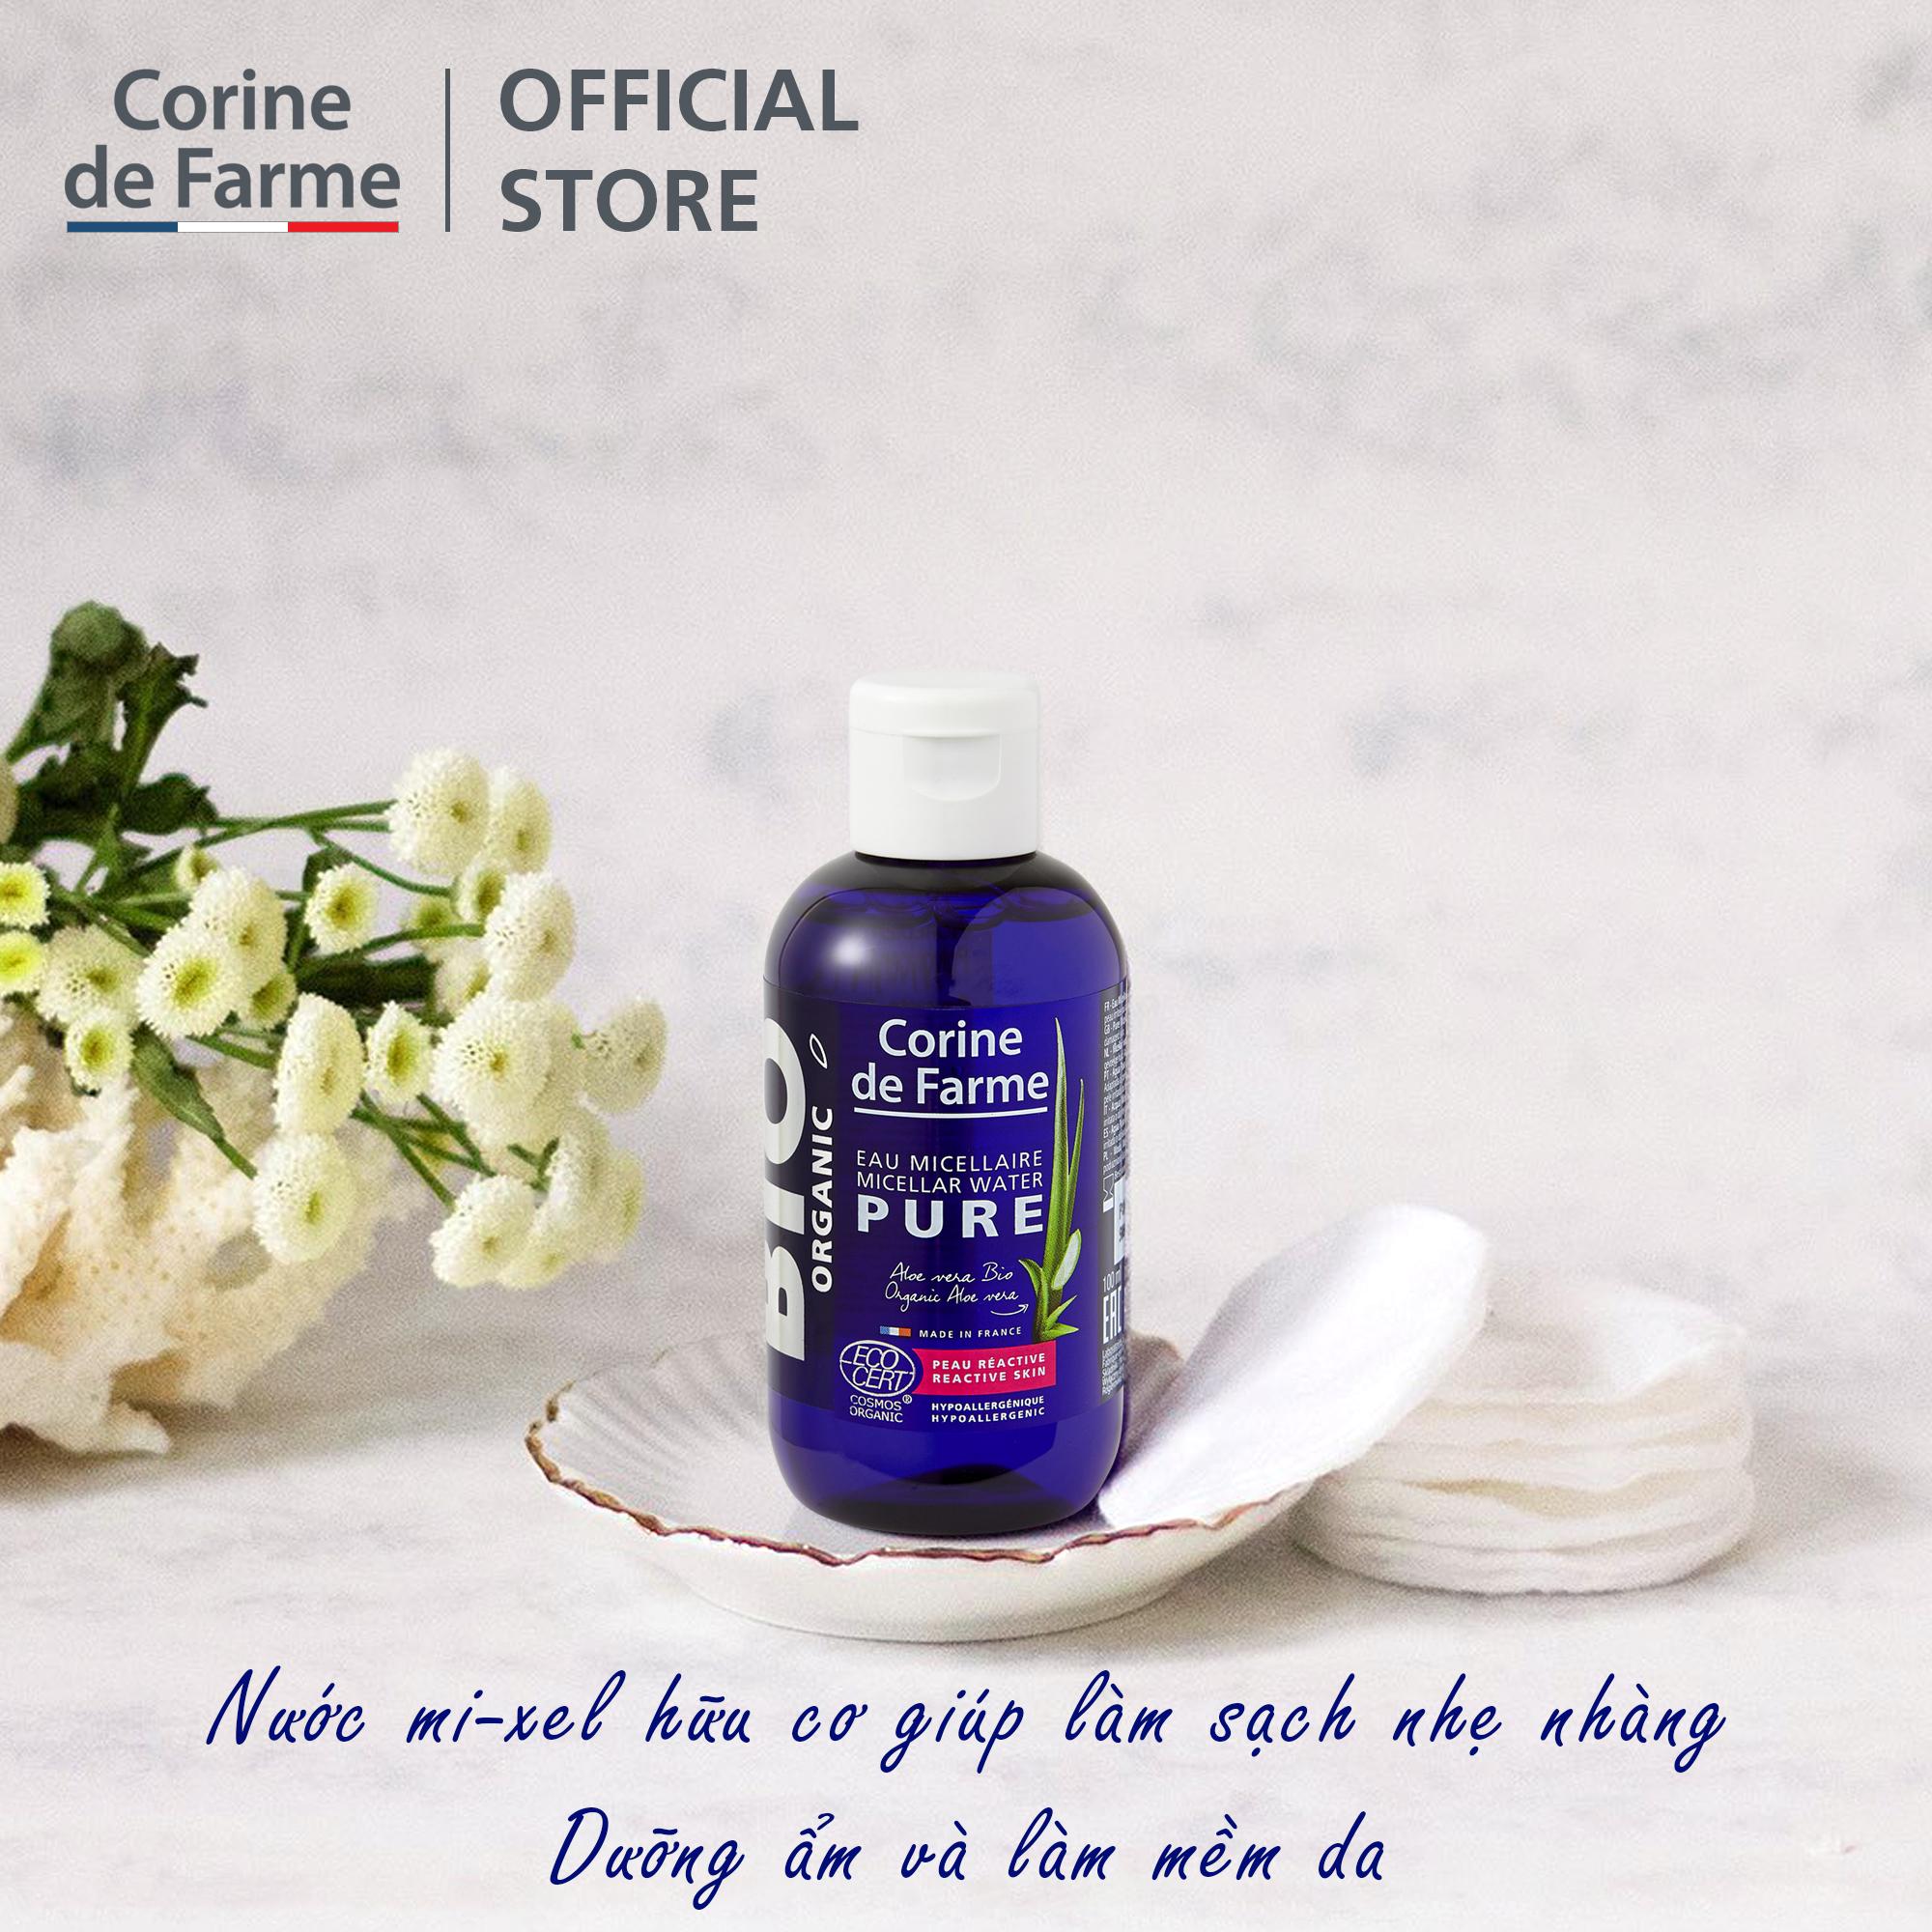 Nước mi-xel hữu cơ làm sạch nhẹ nhàng, tẩy trang Corine de Farme Organic  Micellar Water Pure 100ml | Lazada.vn